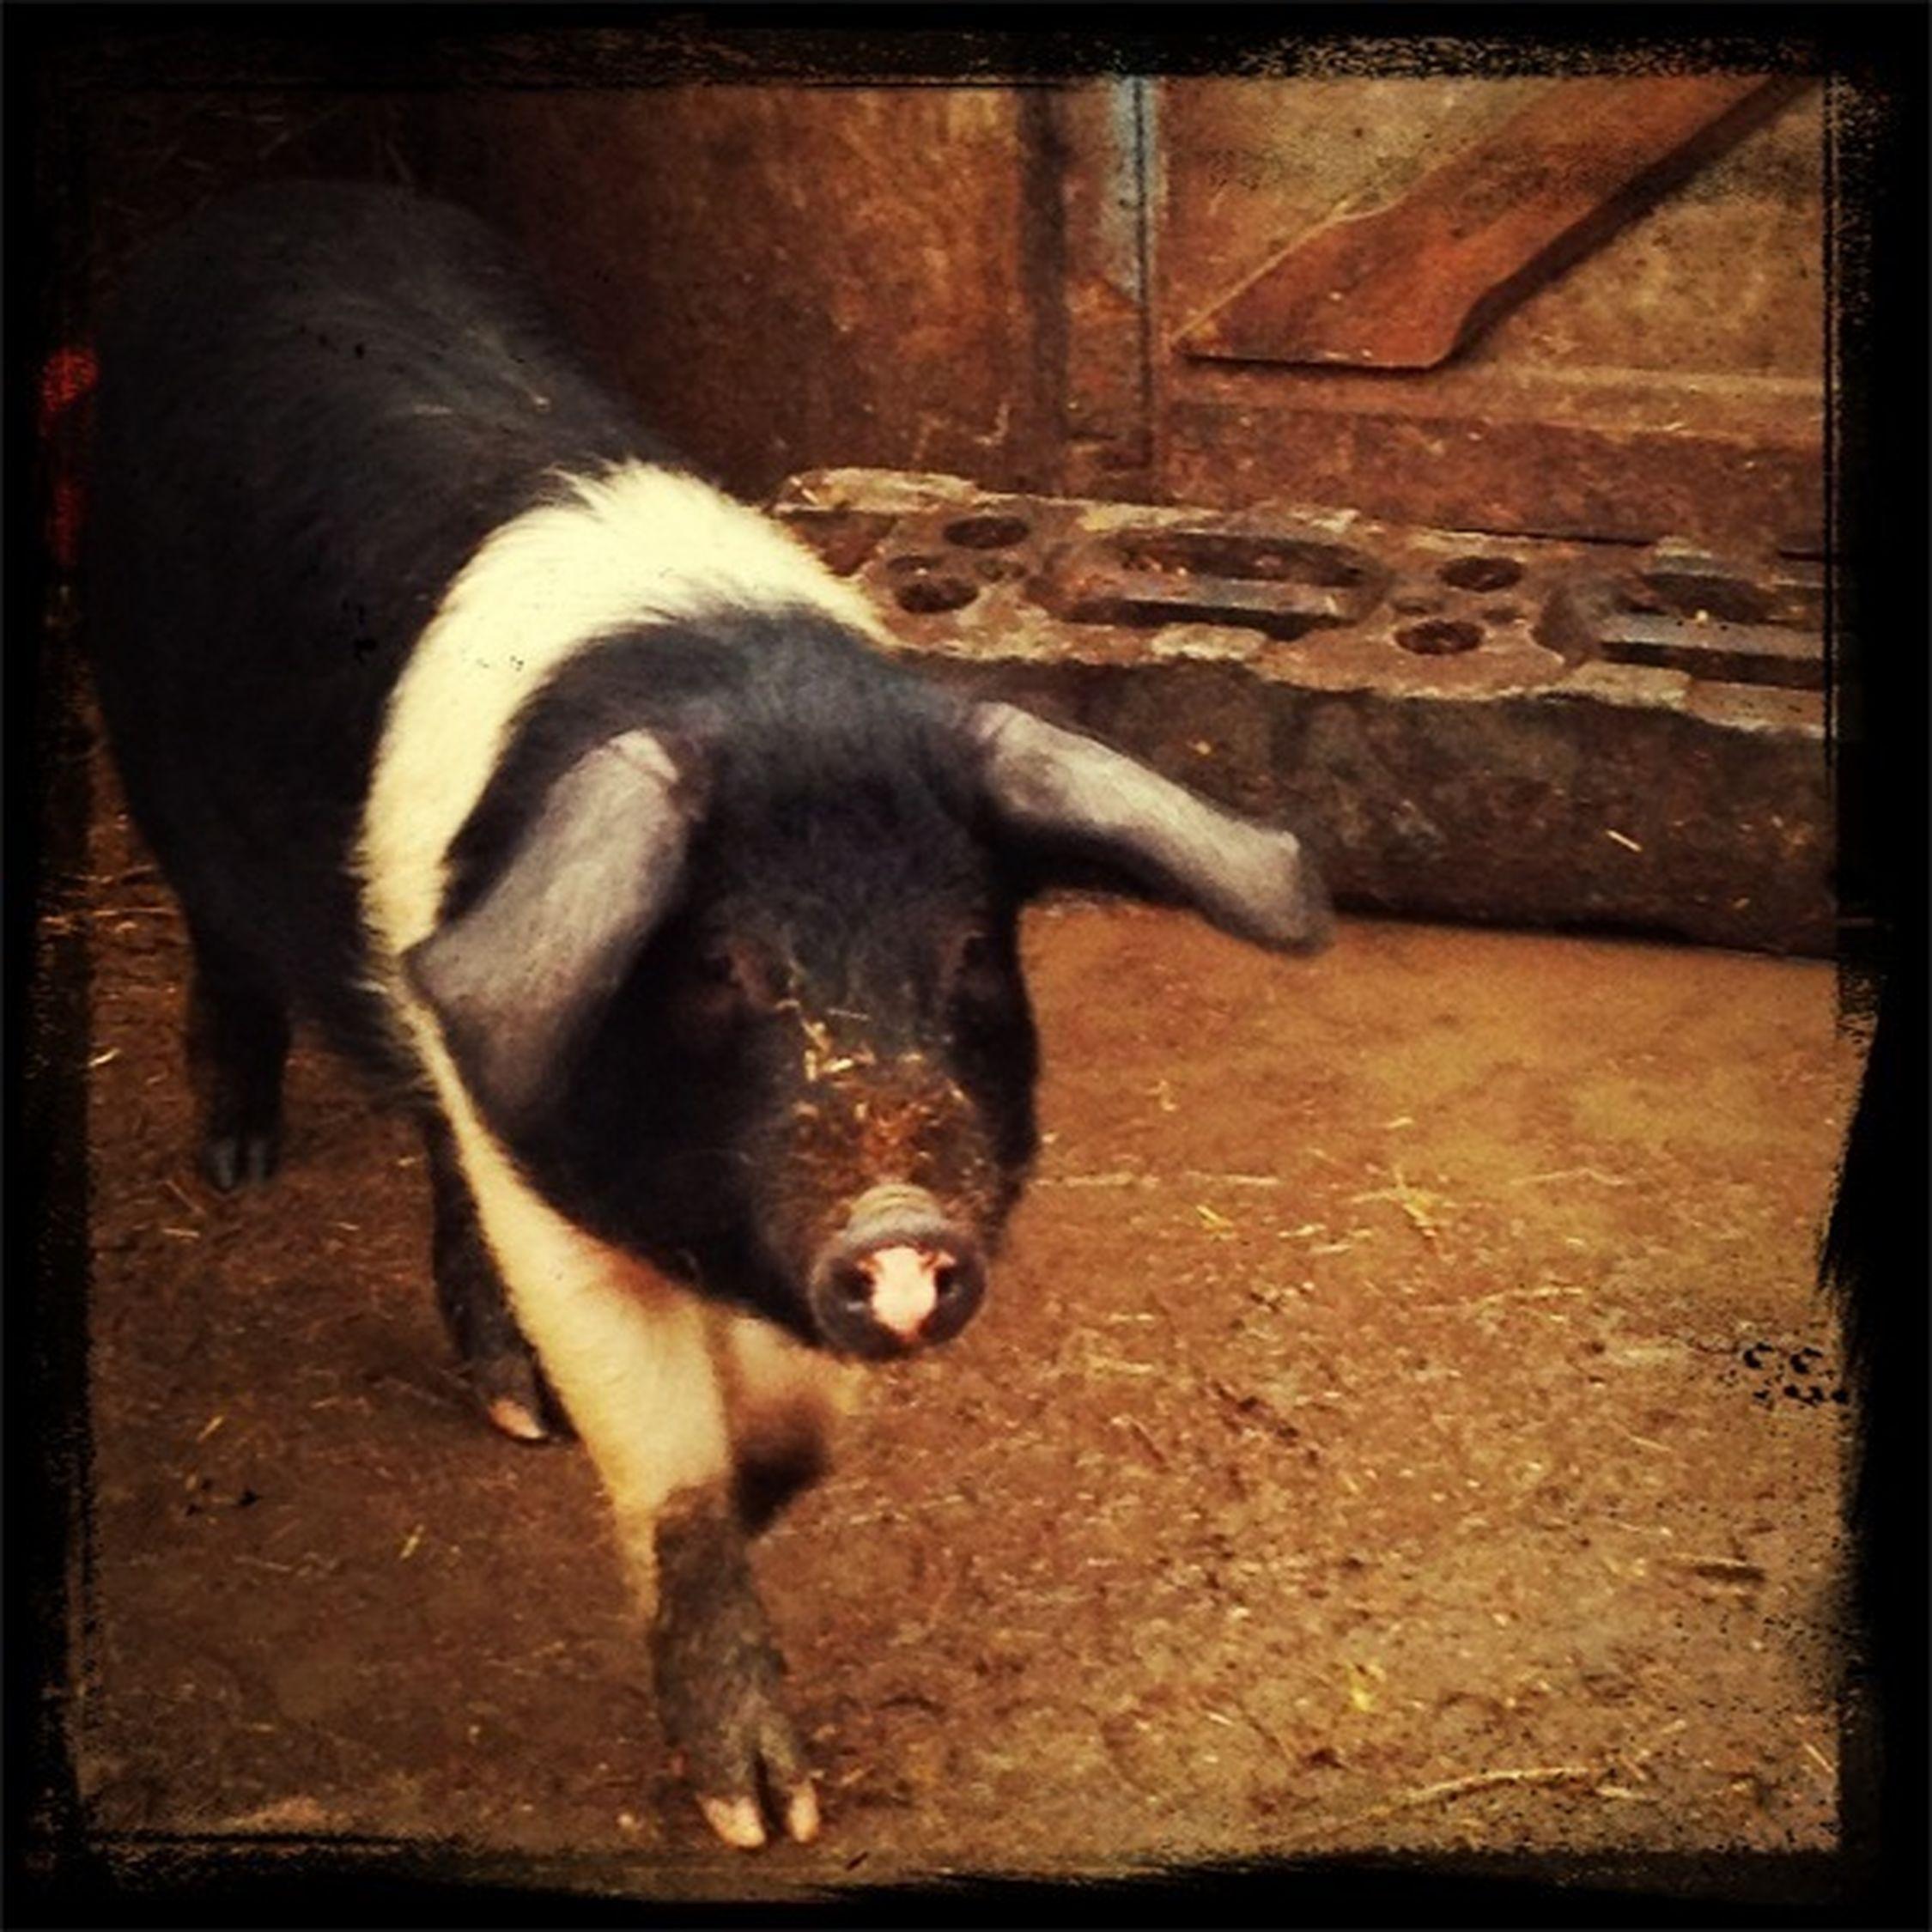 #pig #animal #cute #aww #farn